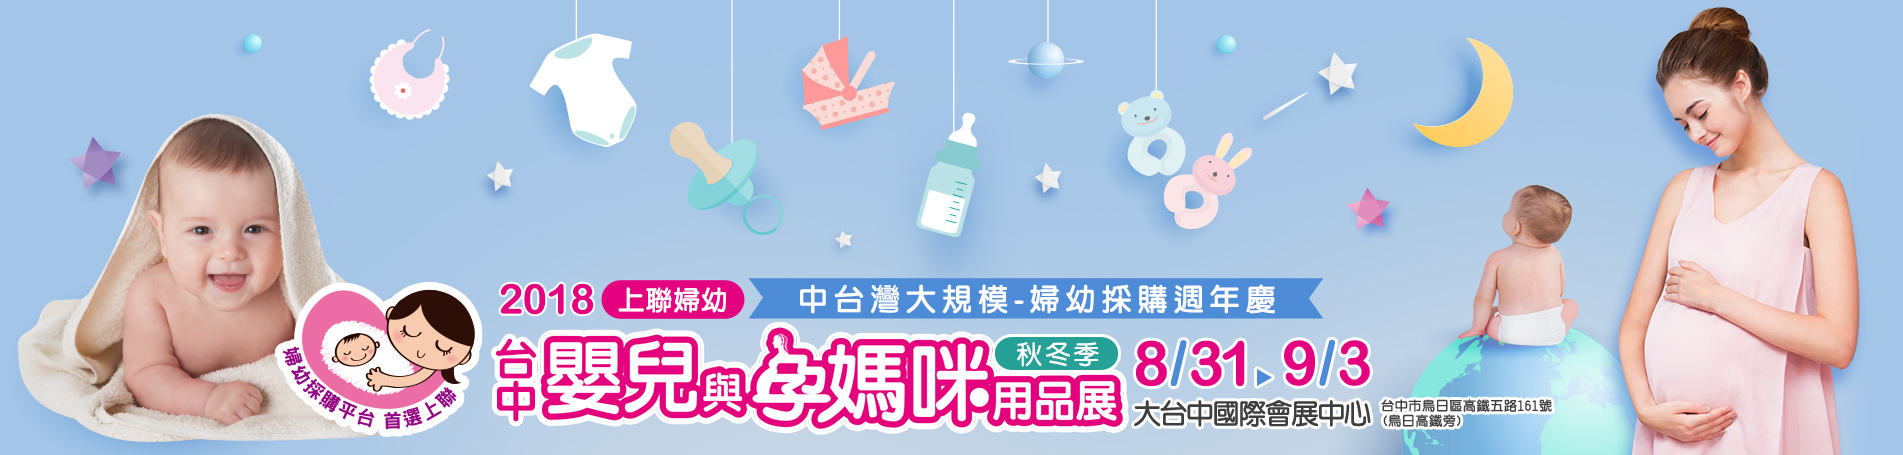 2018台中嬰兒與孕媽咪用品展暨兒童博覽會(秋冬季)